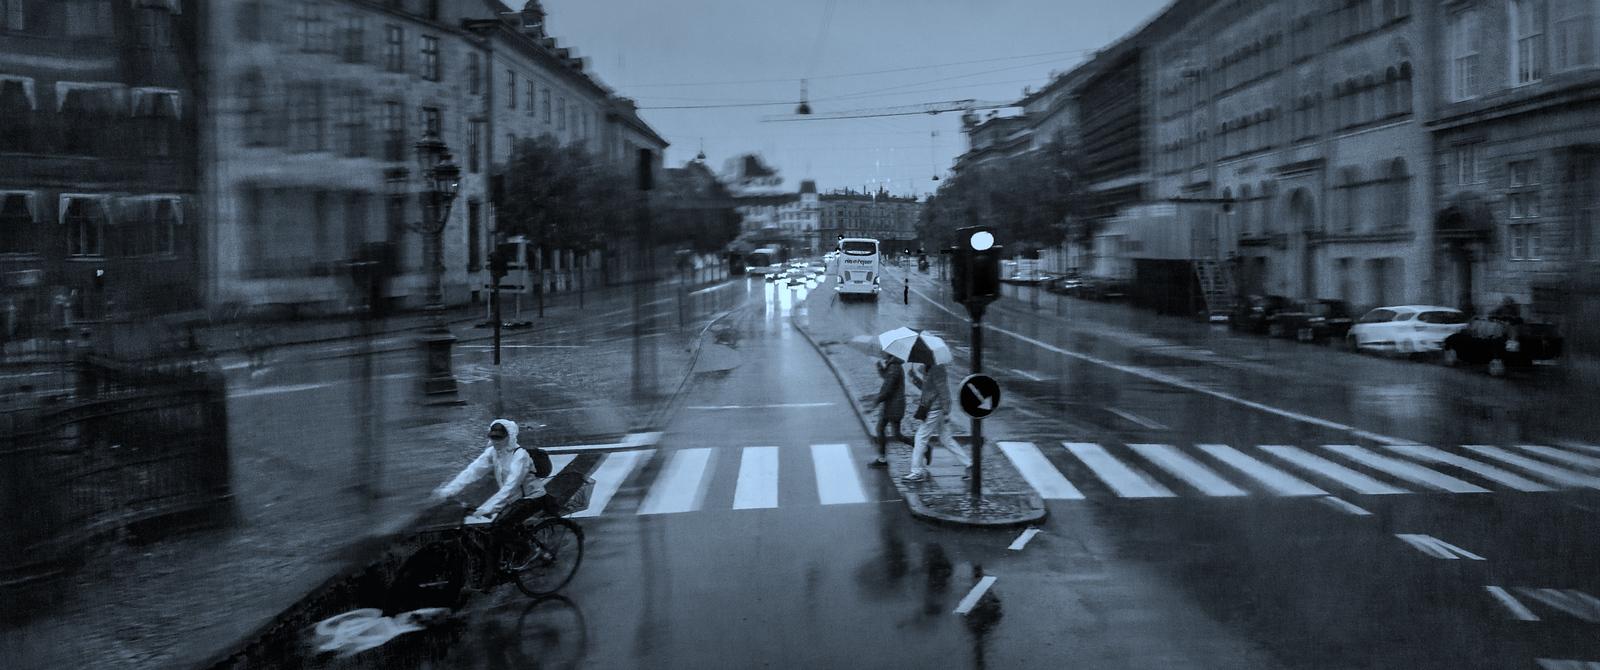 丹麦哥本哈根,雨中即景